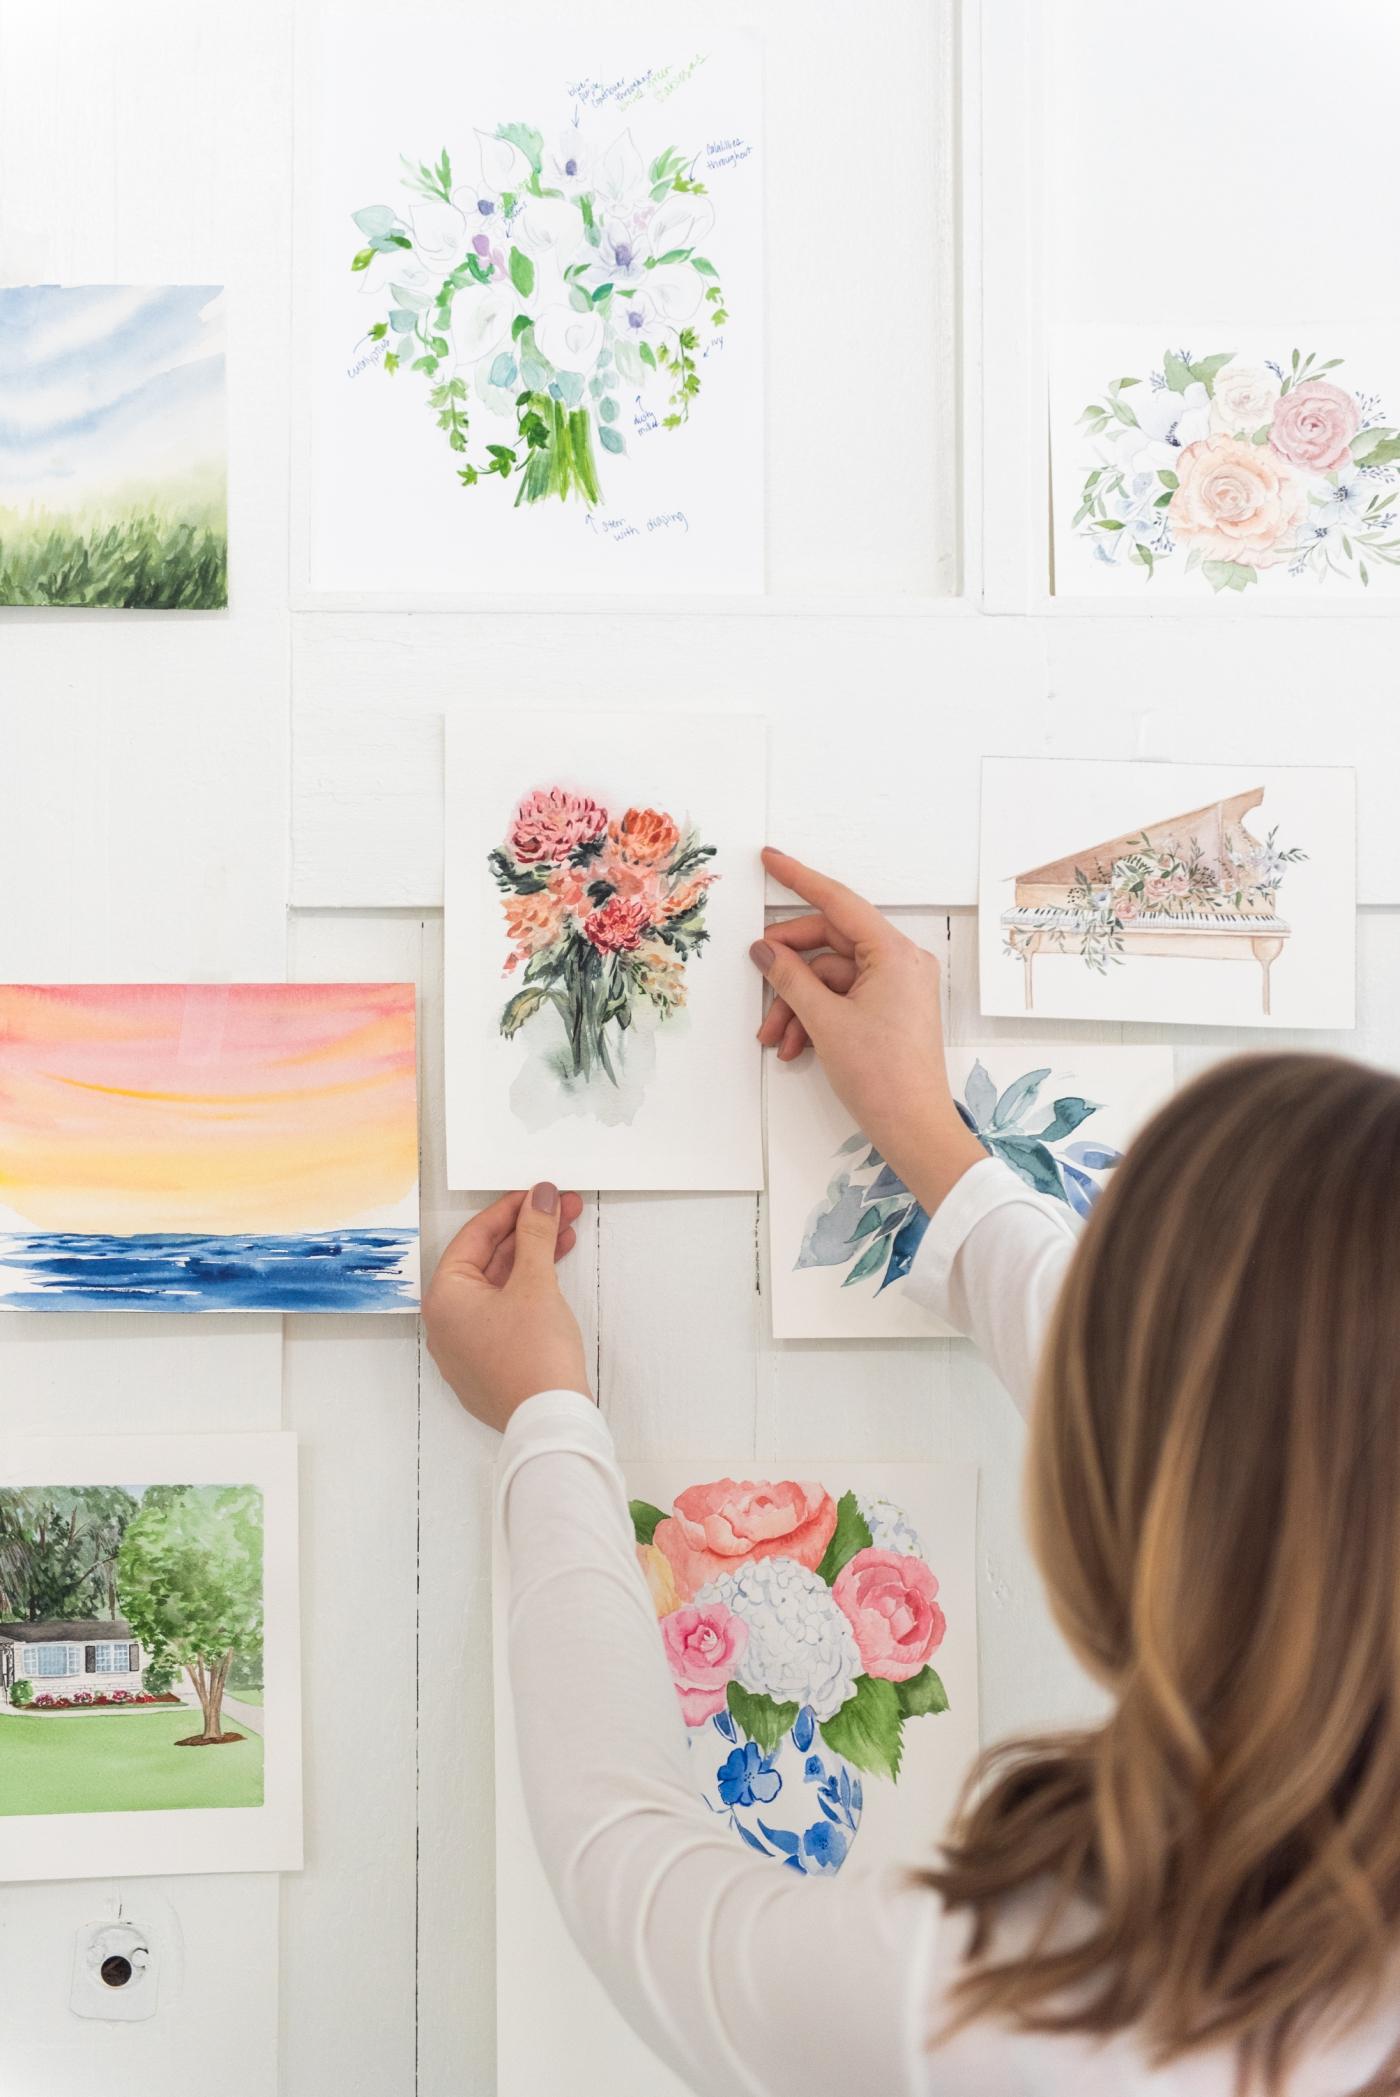 Custom hand-painted wedding venue invitations